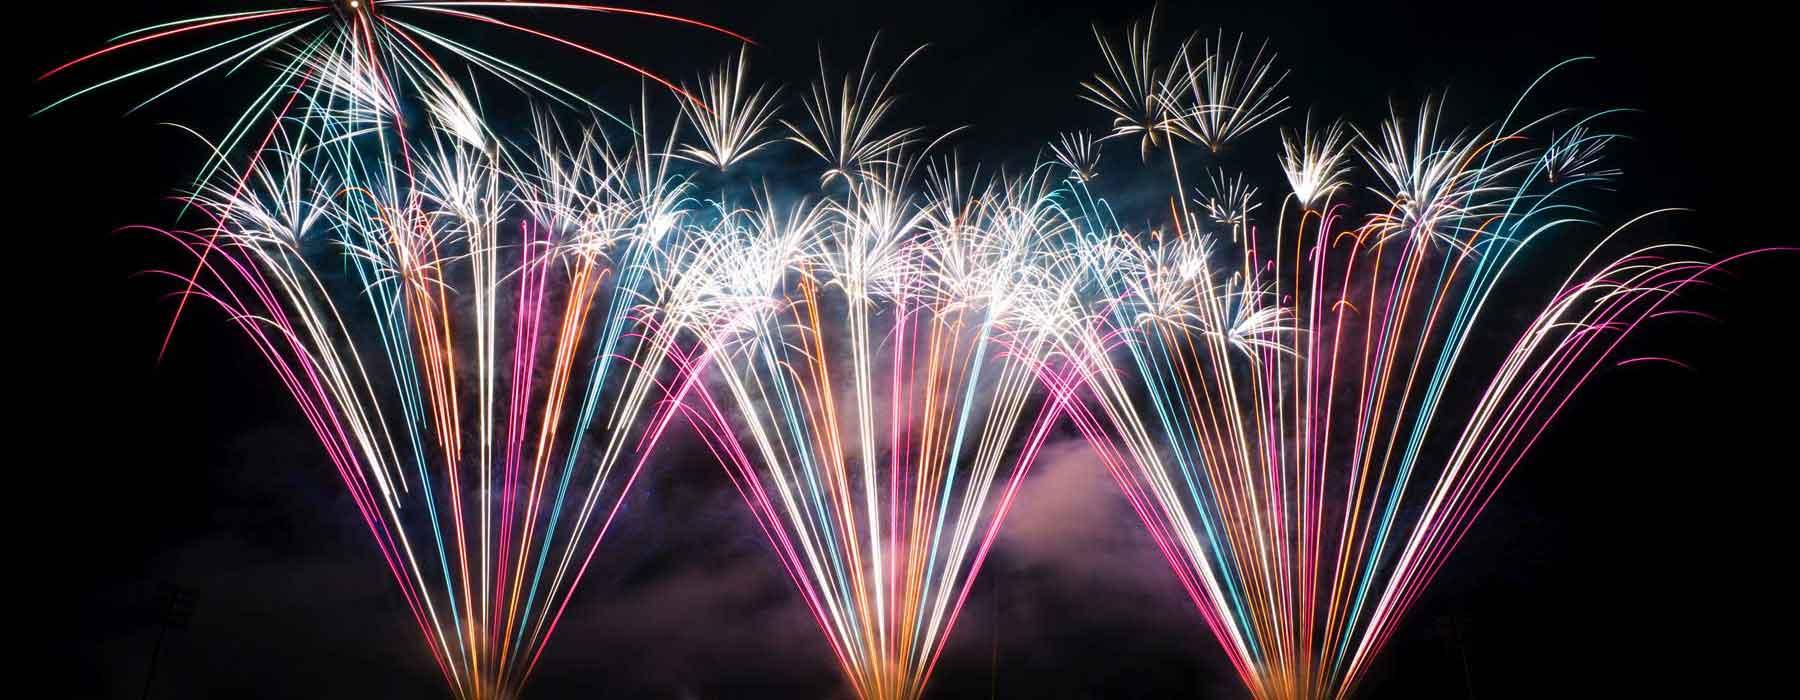 Fuochi d 39 artificio fuochi artificiali alessi for Alessi fuochi prezzi